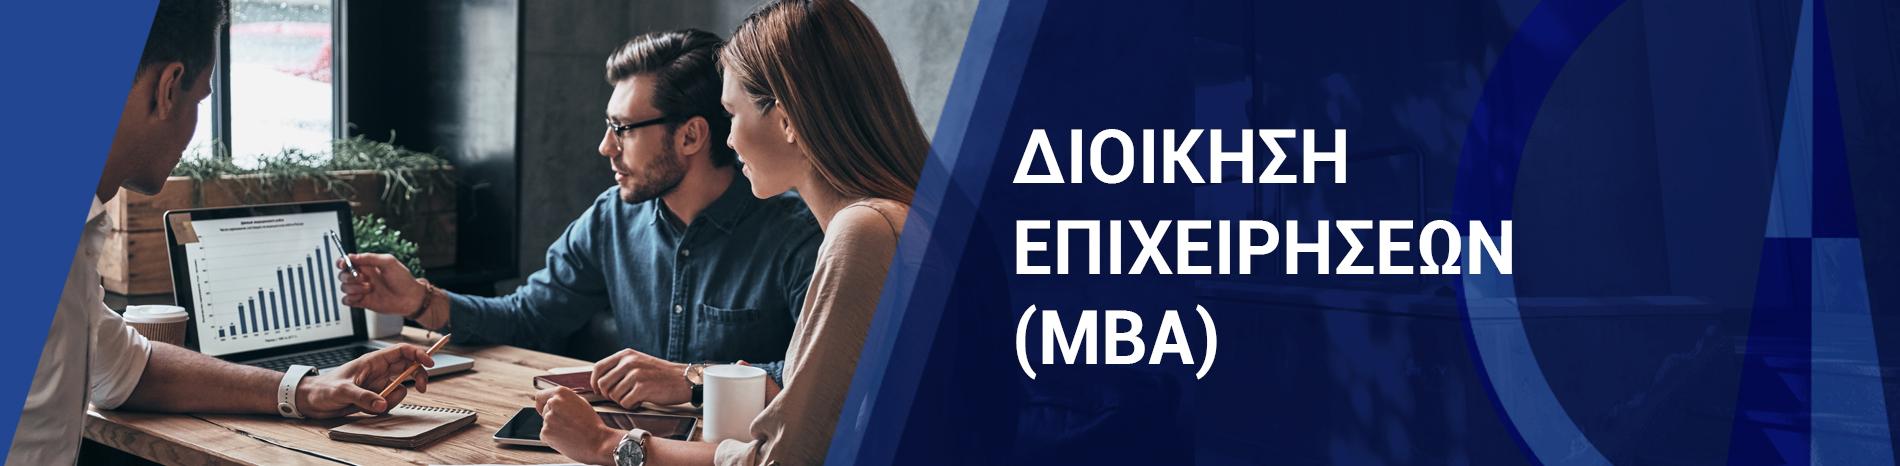 Πανεπιστήμιο Frederick | Μεταπτυχιακό στη Διοίκηση Επιχειρήσεων (MBA) Εξ Αποστάσεως